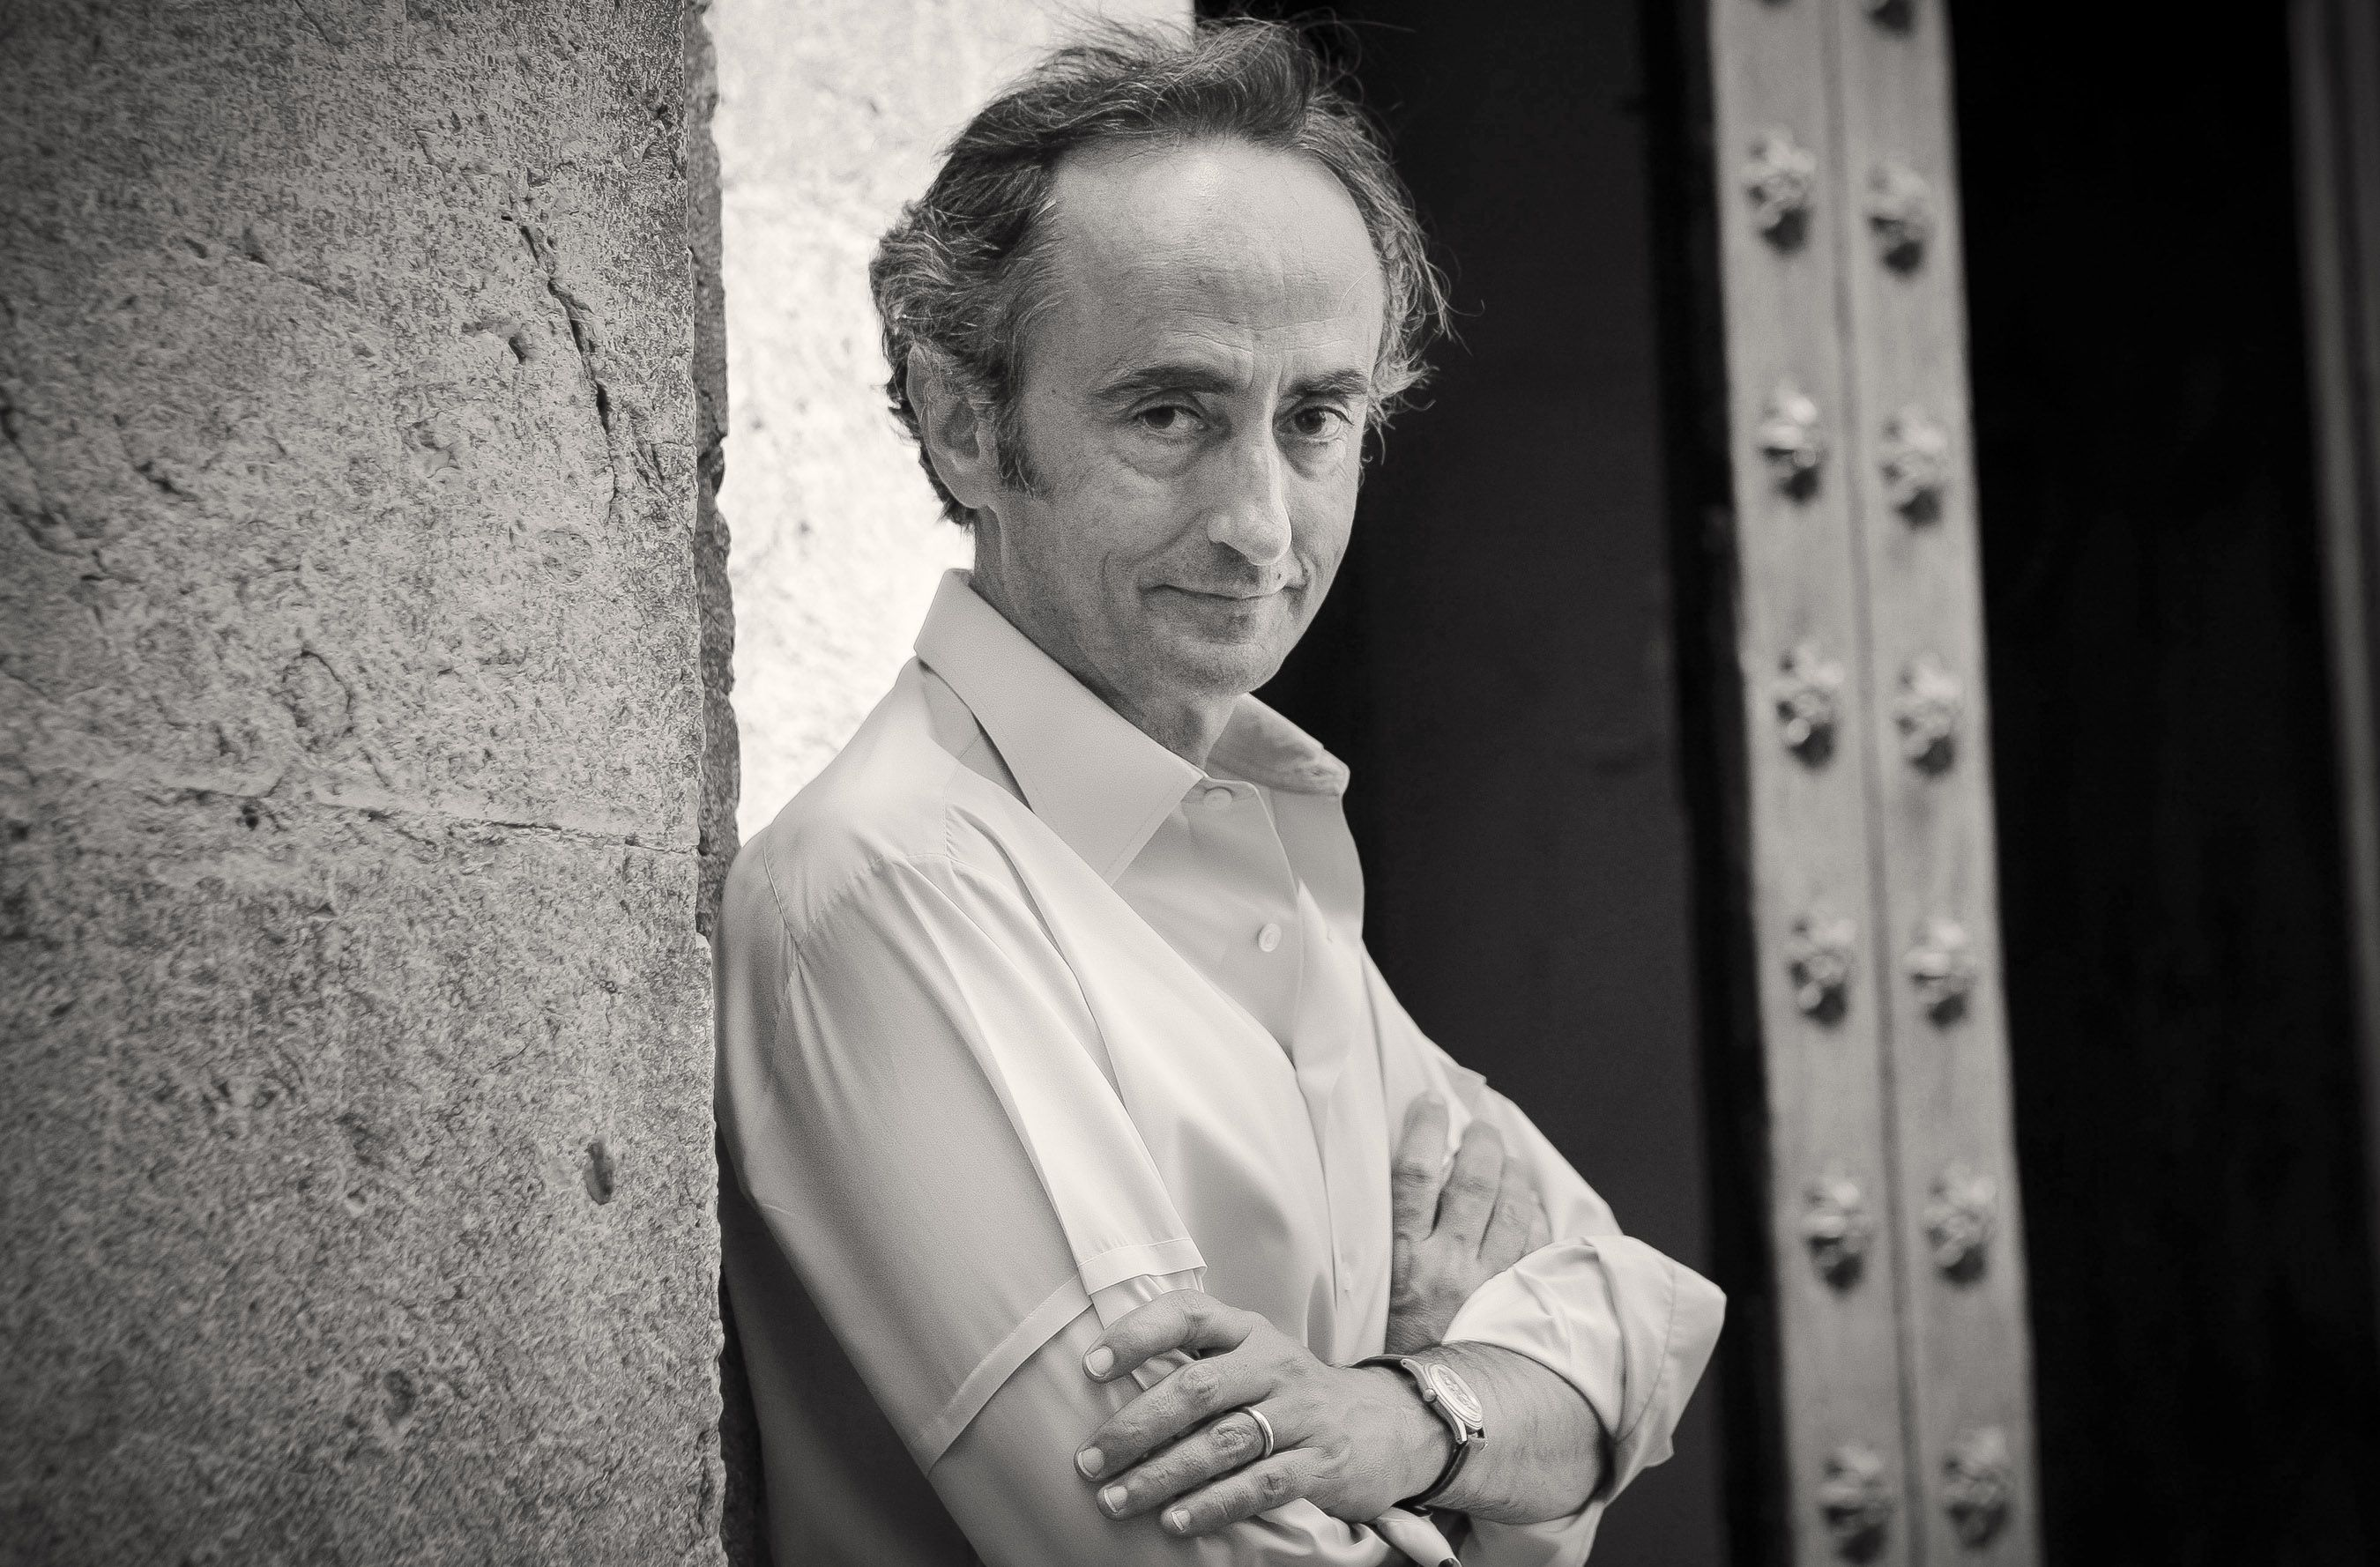 José Carlos Llop (Palma de Mallorca, 1956)